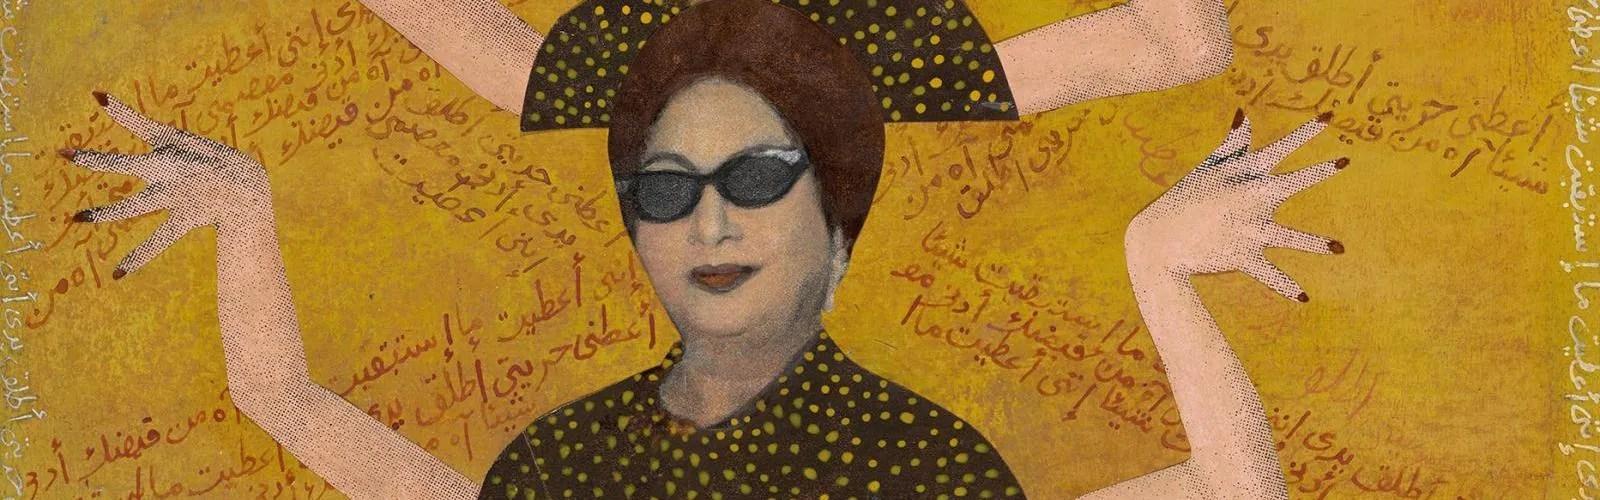 Spring in London - Al-Sitt and her Sunglasses by Huda Lutfi HERO CREDIT British Museum